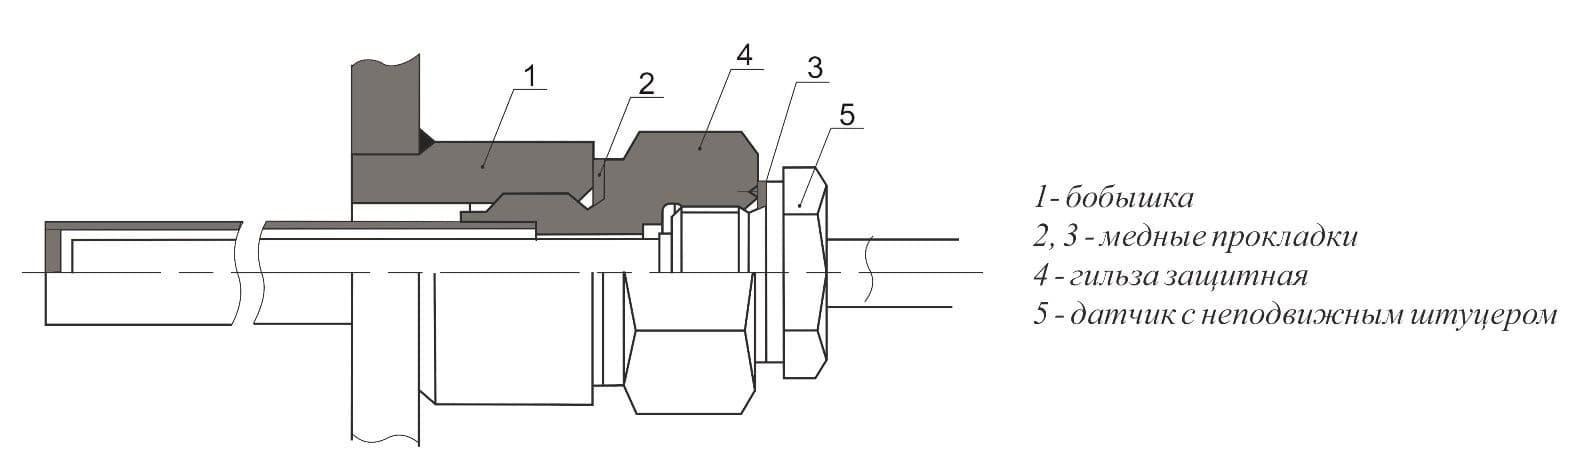 схема установки датчиков с неподвижным штуцером с применением бобышки и защитных гильз - Энергоприбор